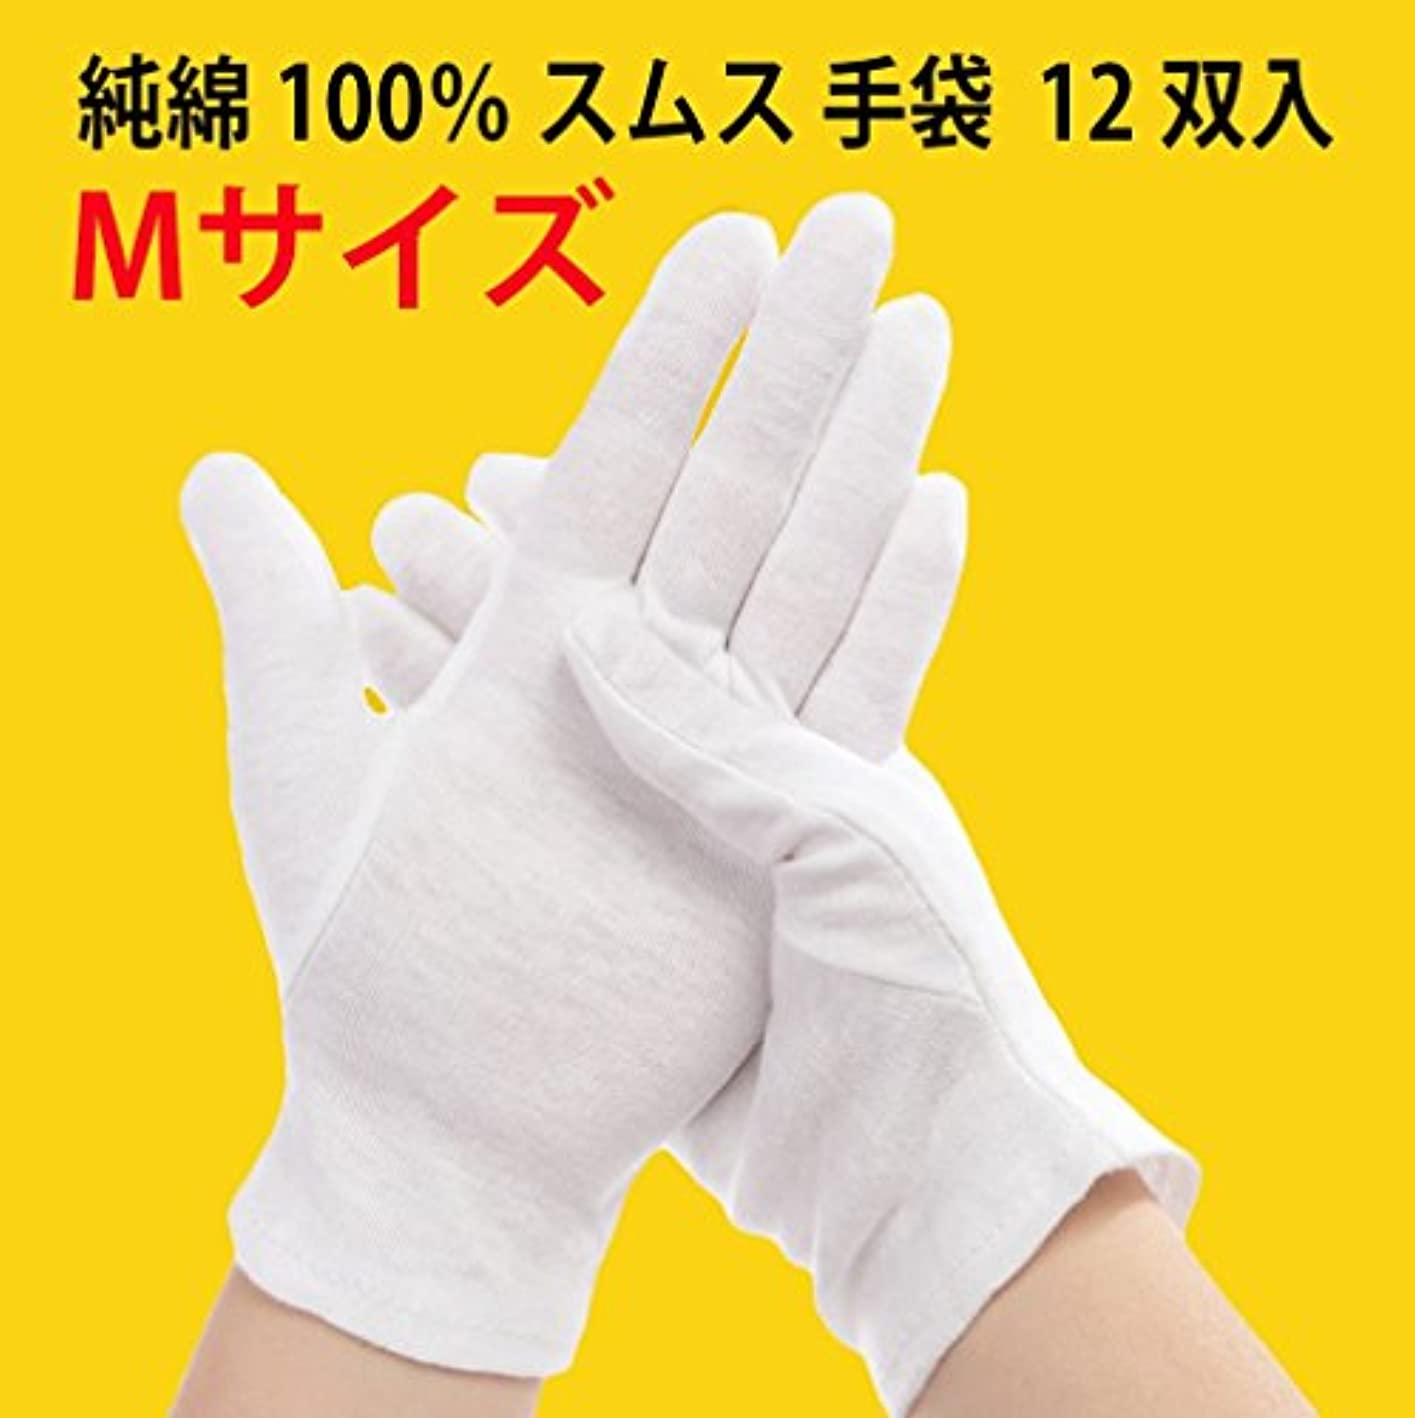 もろい代わりの放課後純綿100% スムス 手袋 Mサイズ 12双 多用途 101115